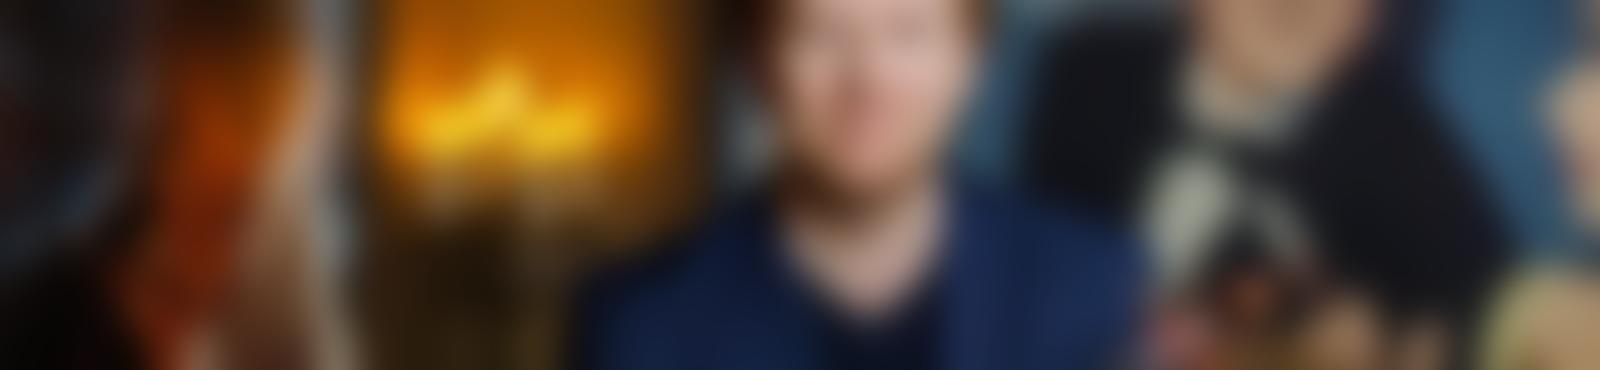 Blurred 3b8297c0 03d2 4477 b00f 45df2c2fad54